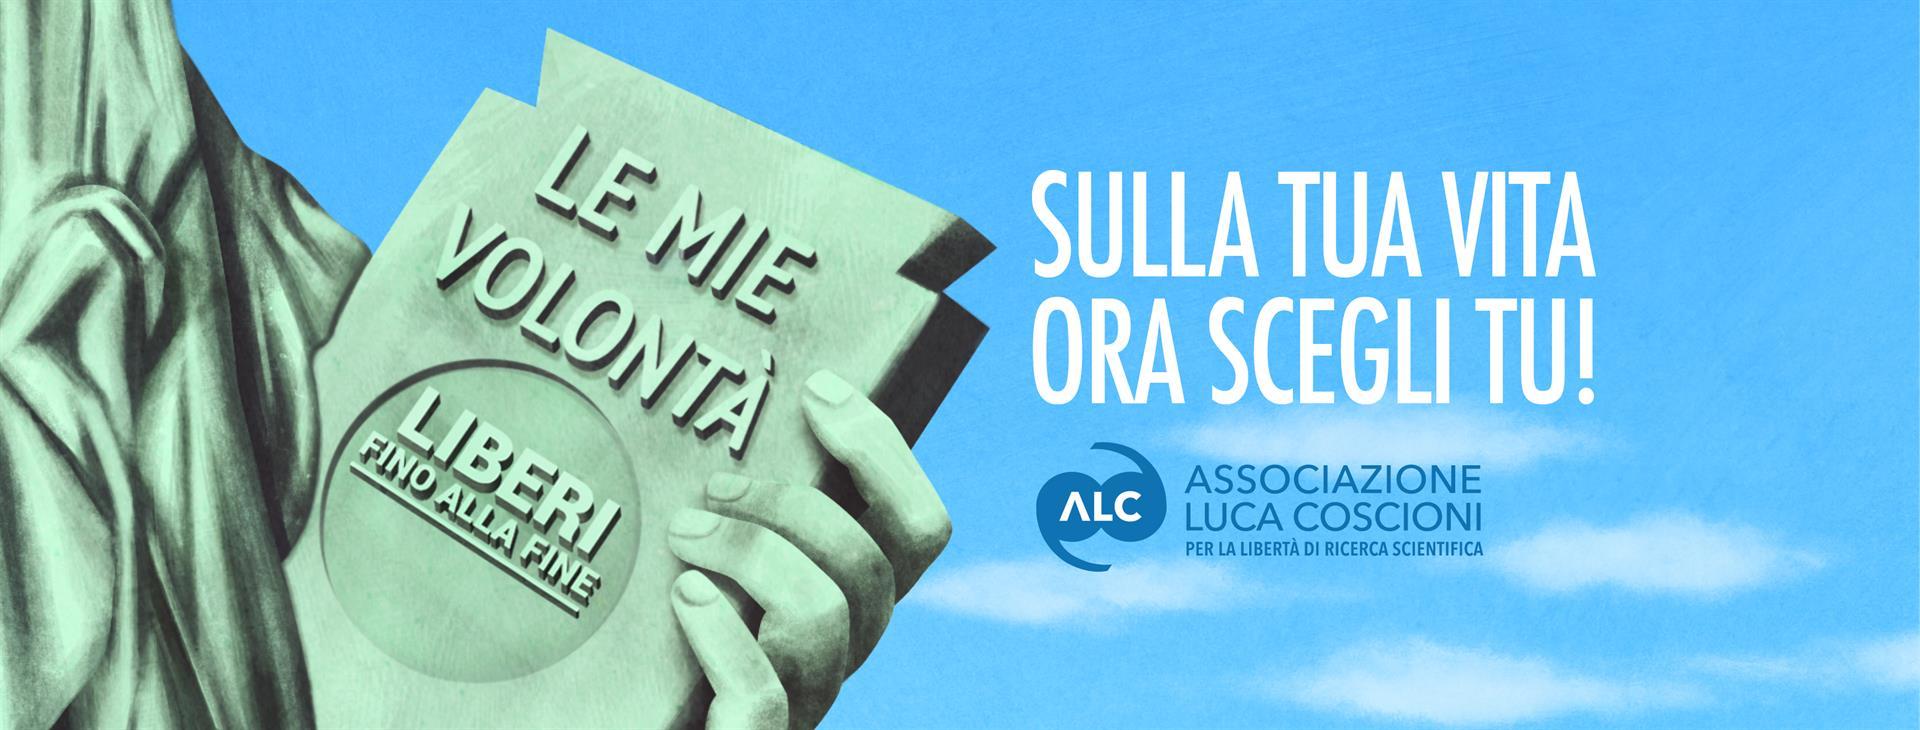 https://www.associazionelucacoscioni.it/buone-feste-nuove-liberta-civili-tutti/